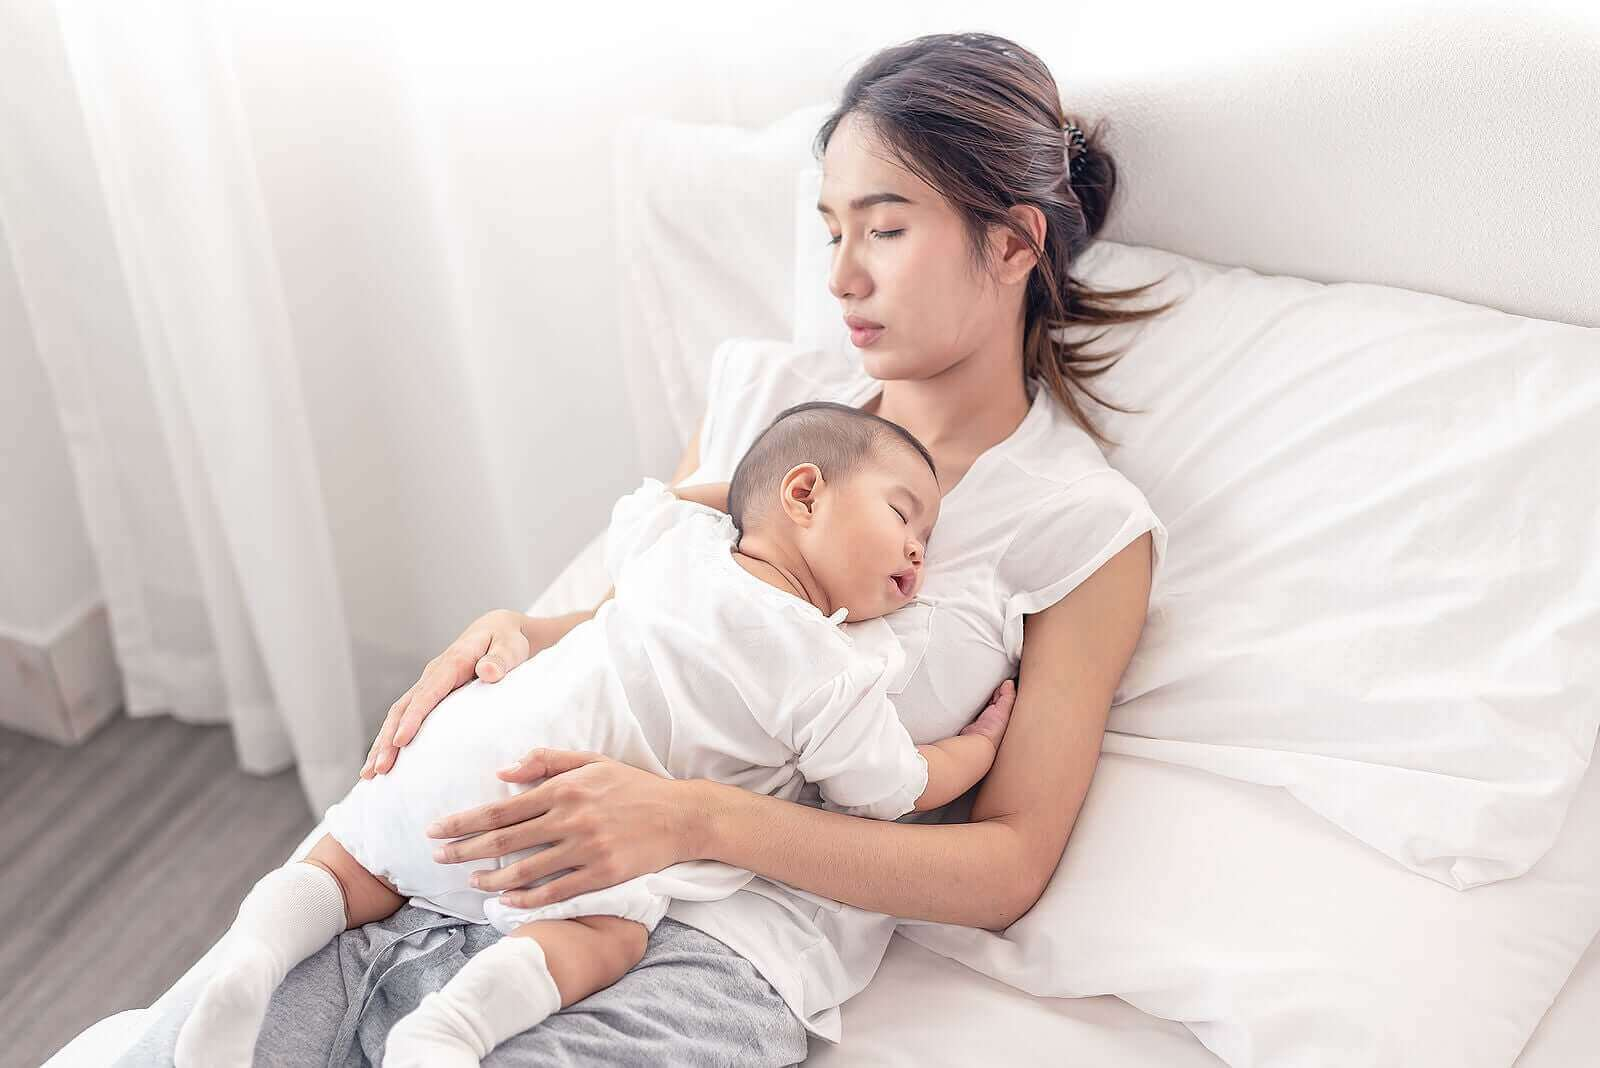 Hvordan familien kan sove godt i løpet av babyens første 6 måneder